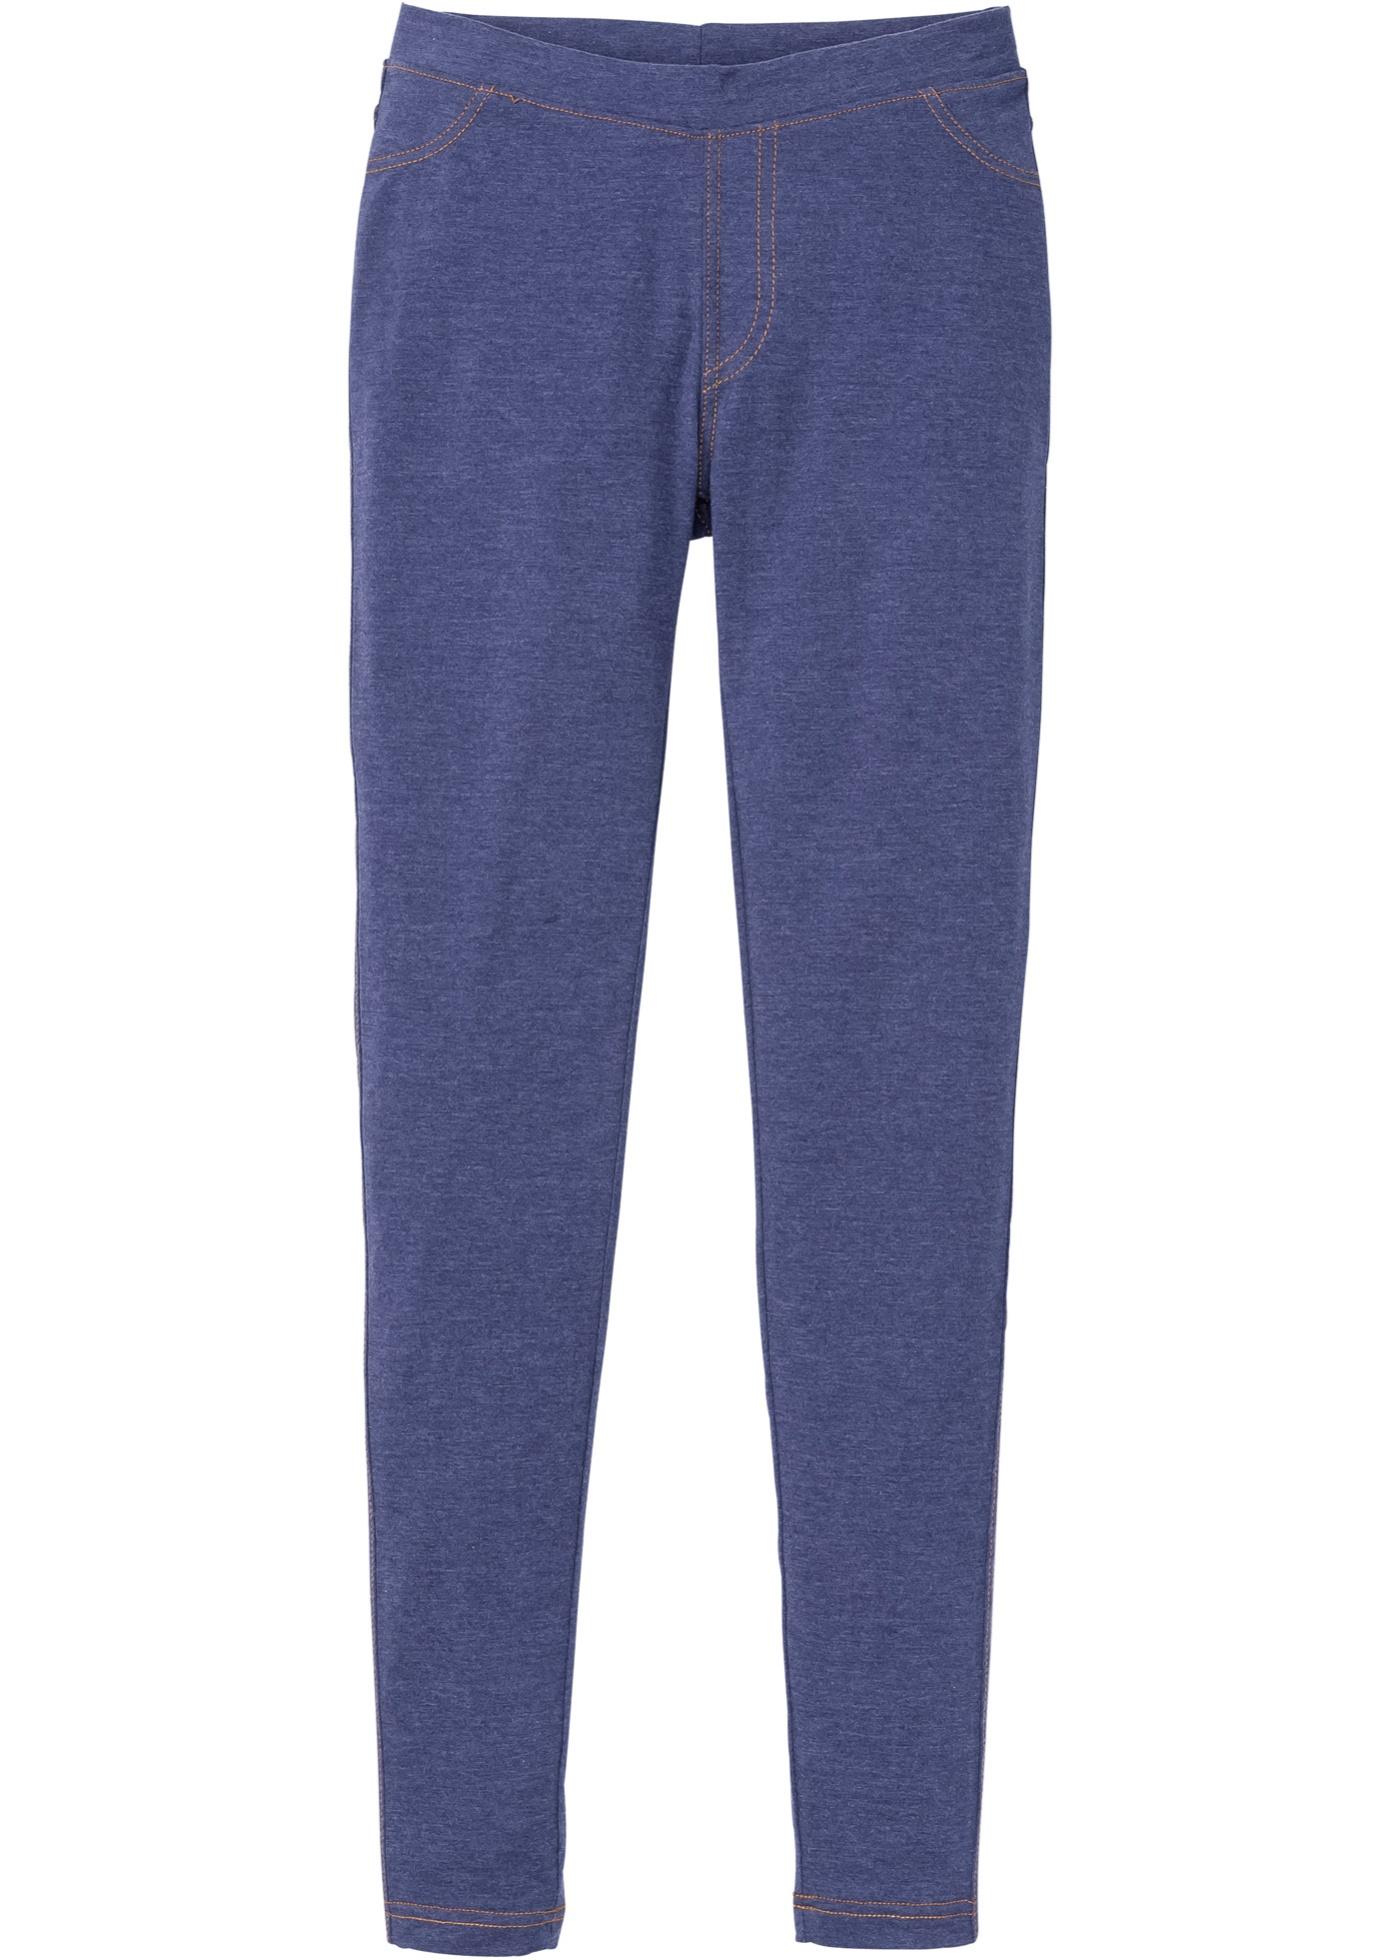 Pyjamasleggings med fickor